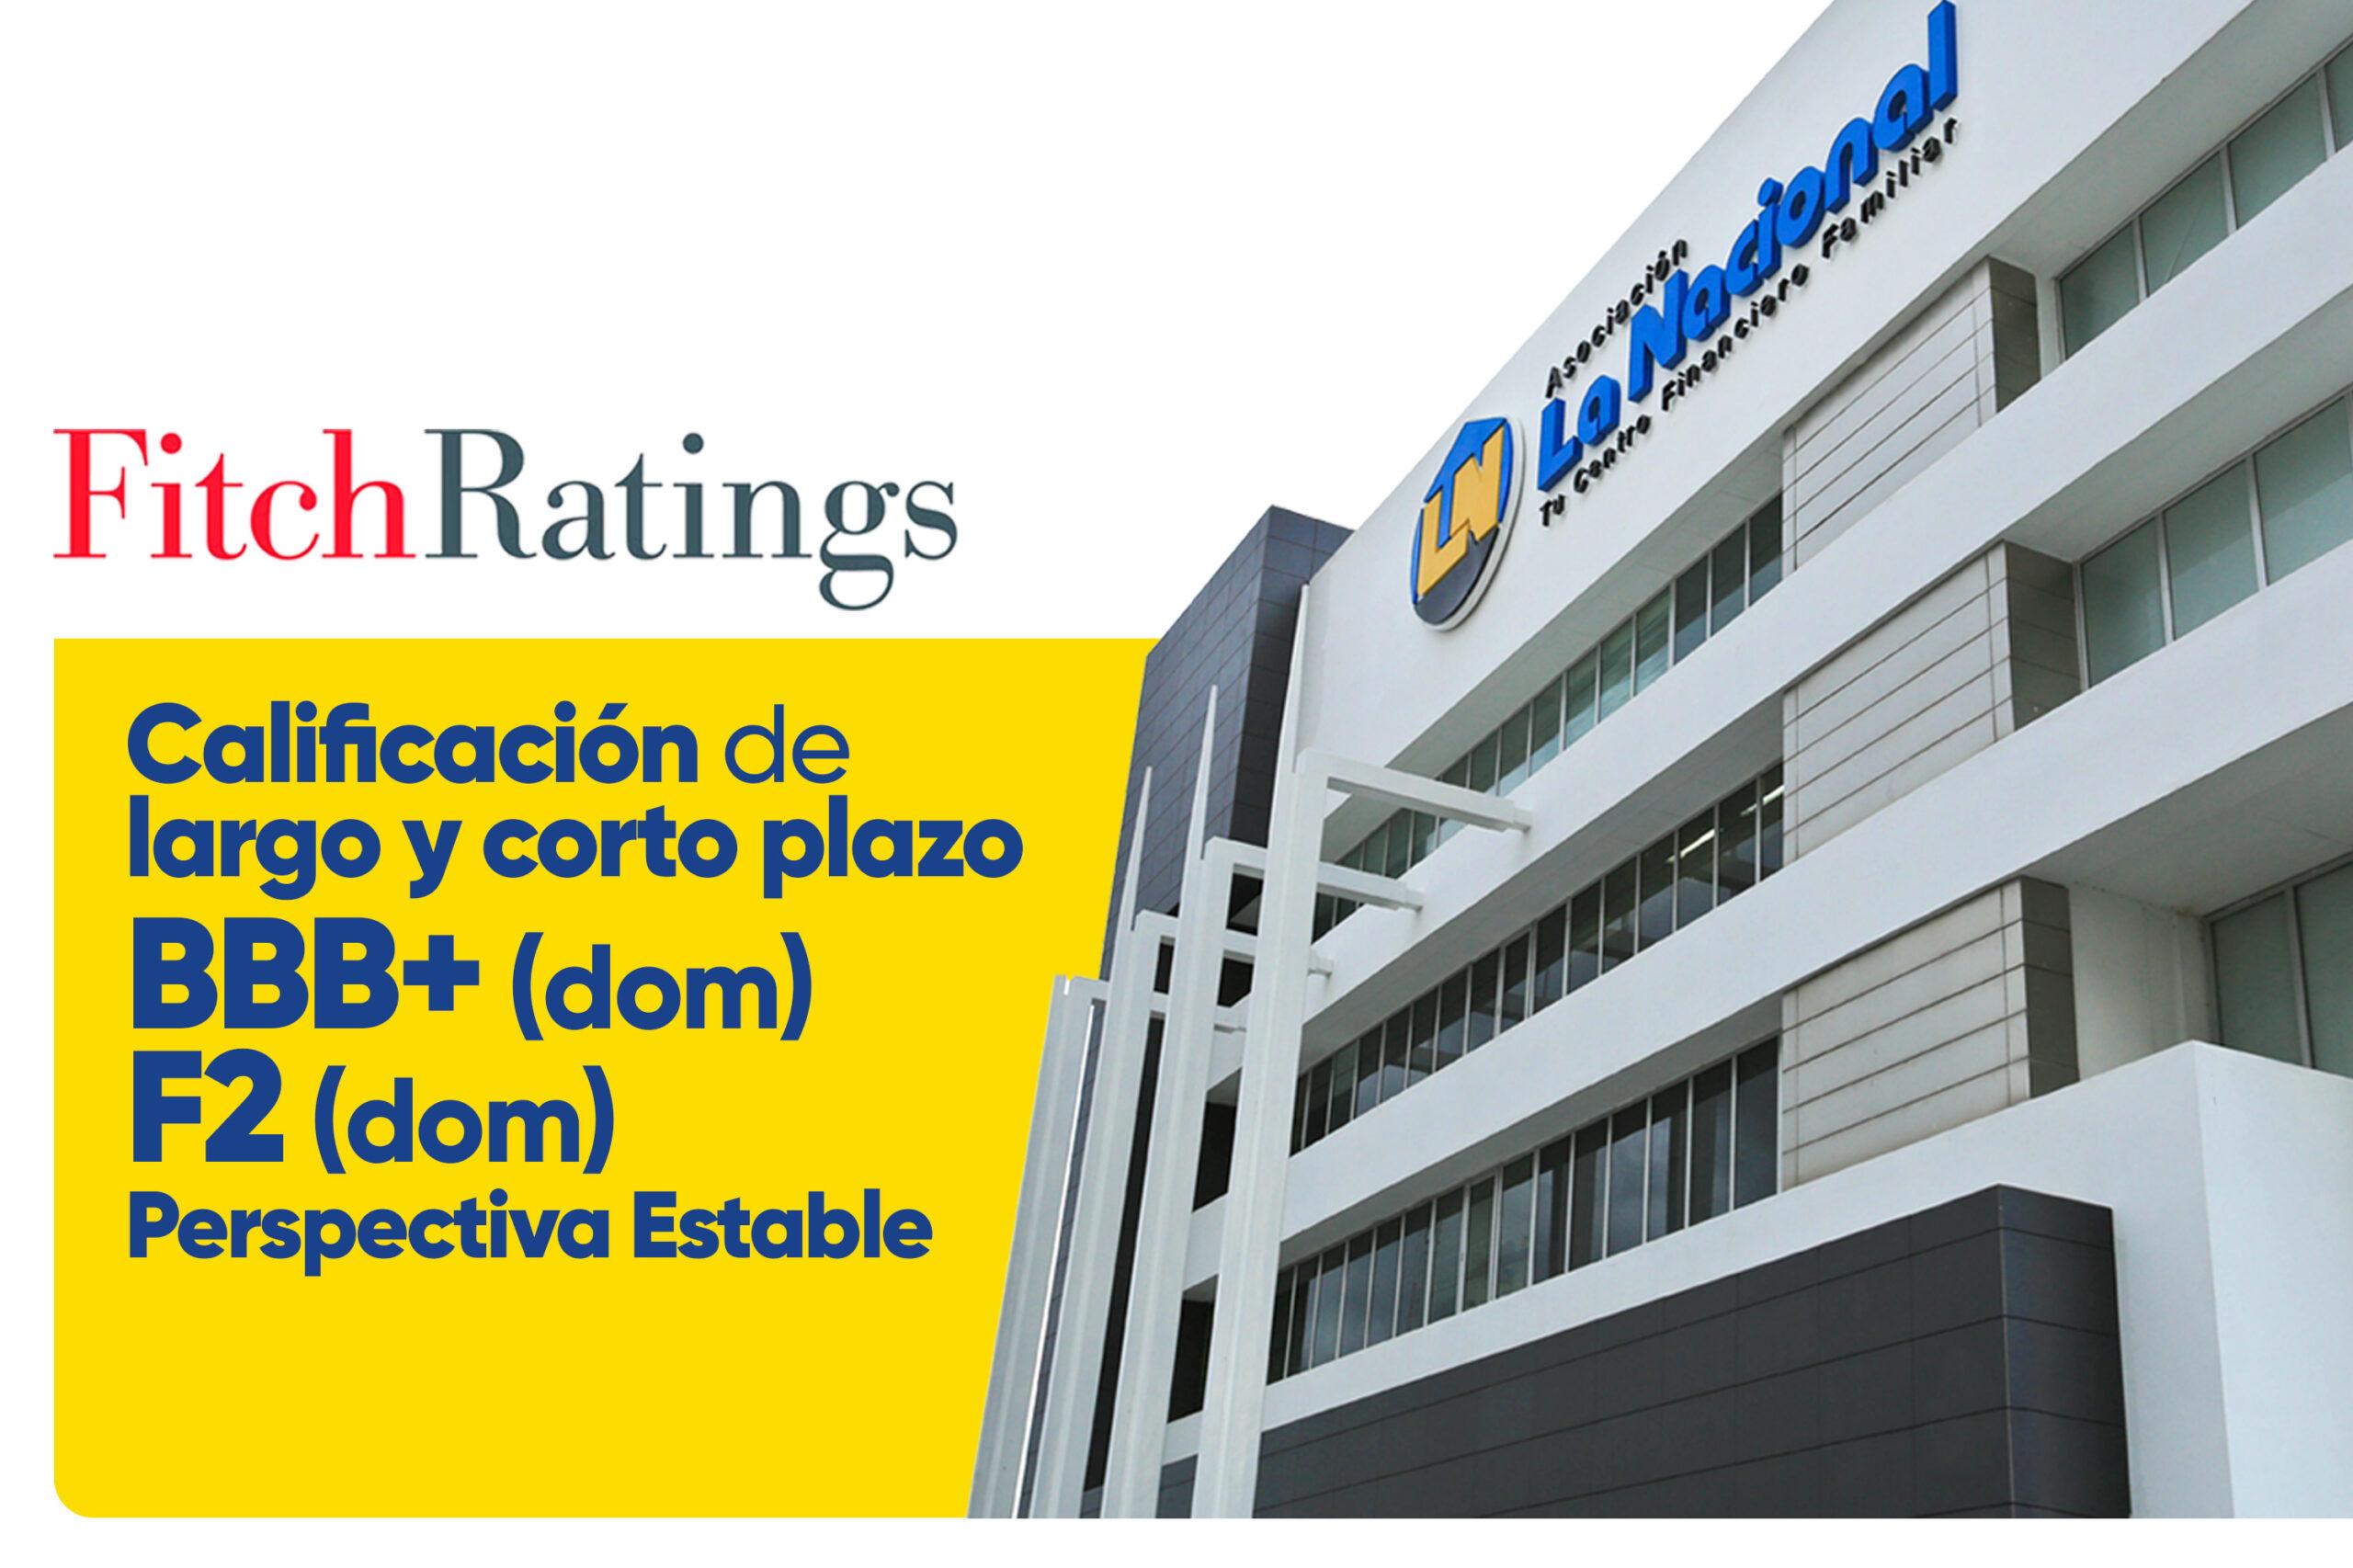 Calificación Fitch ratings - La Nacional